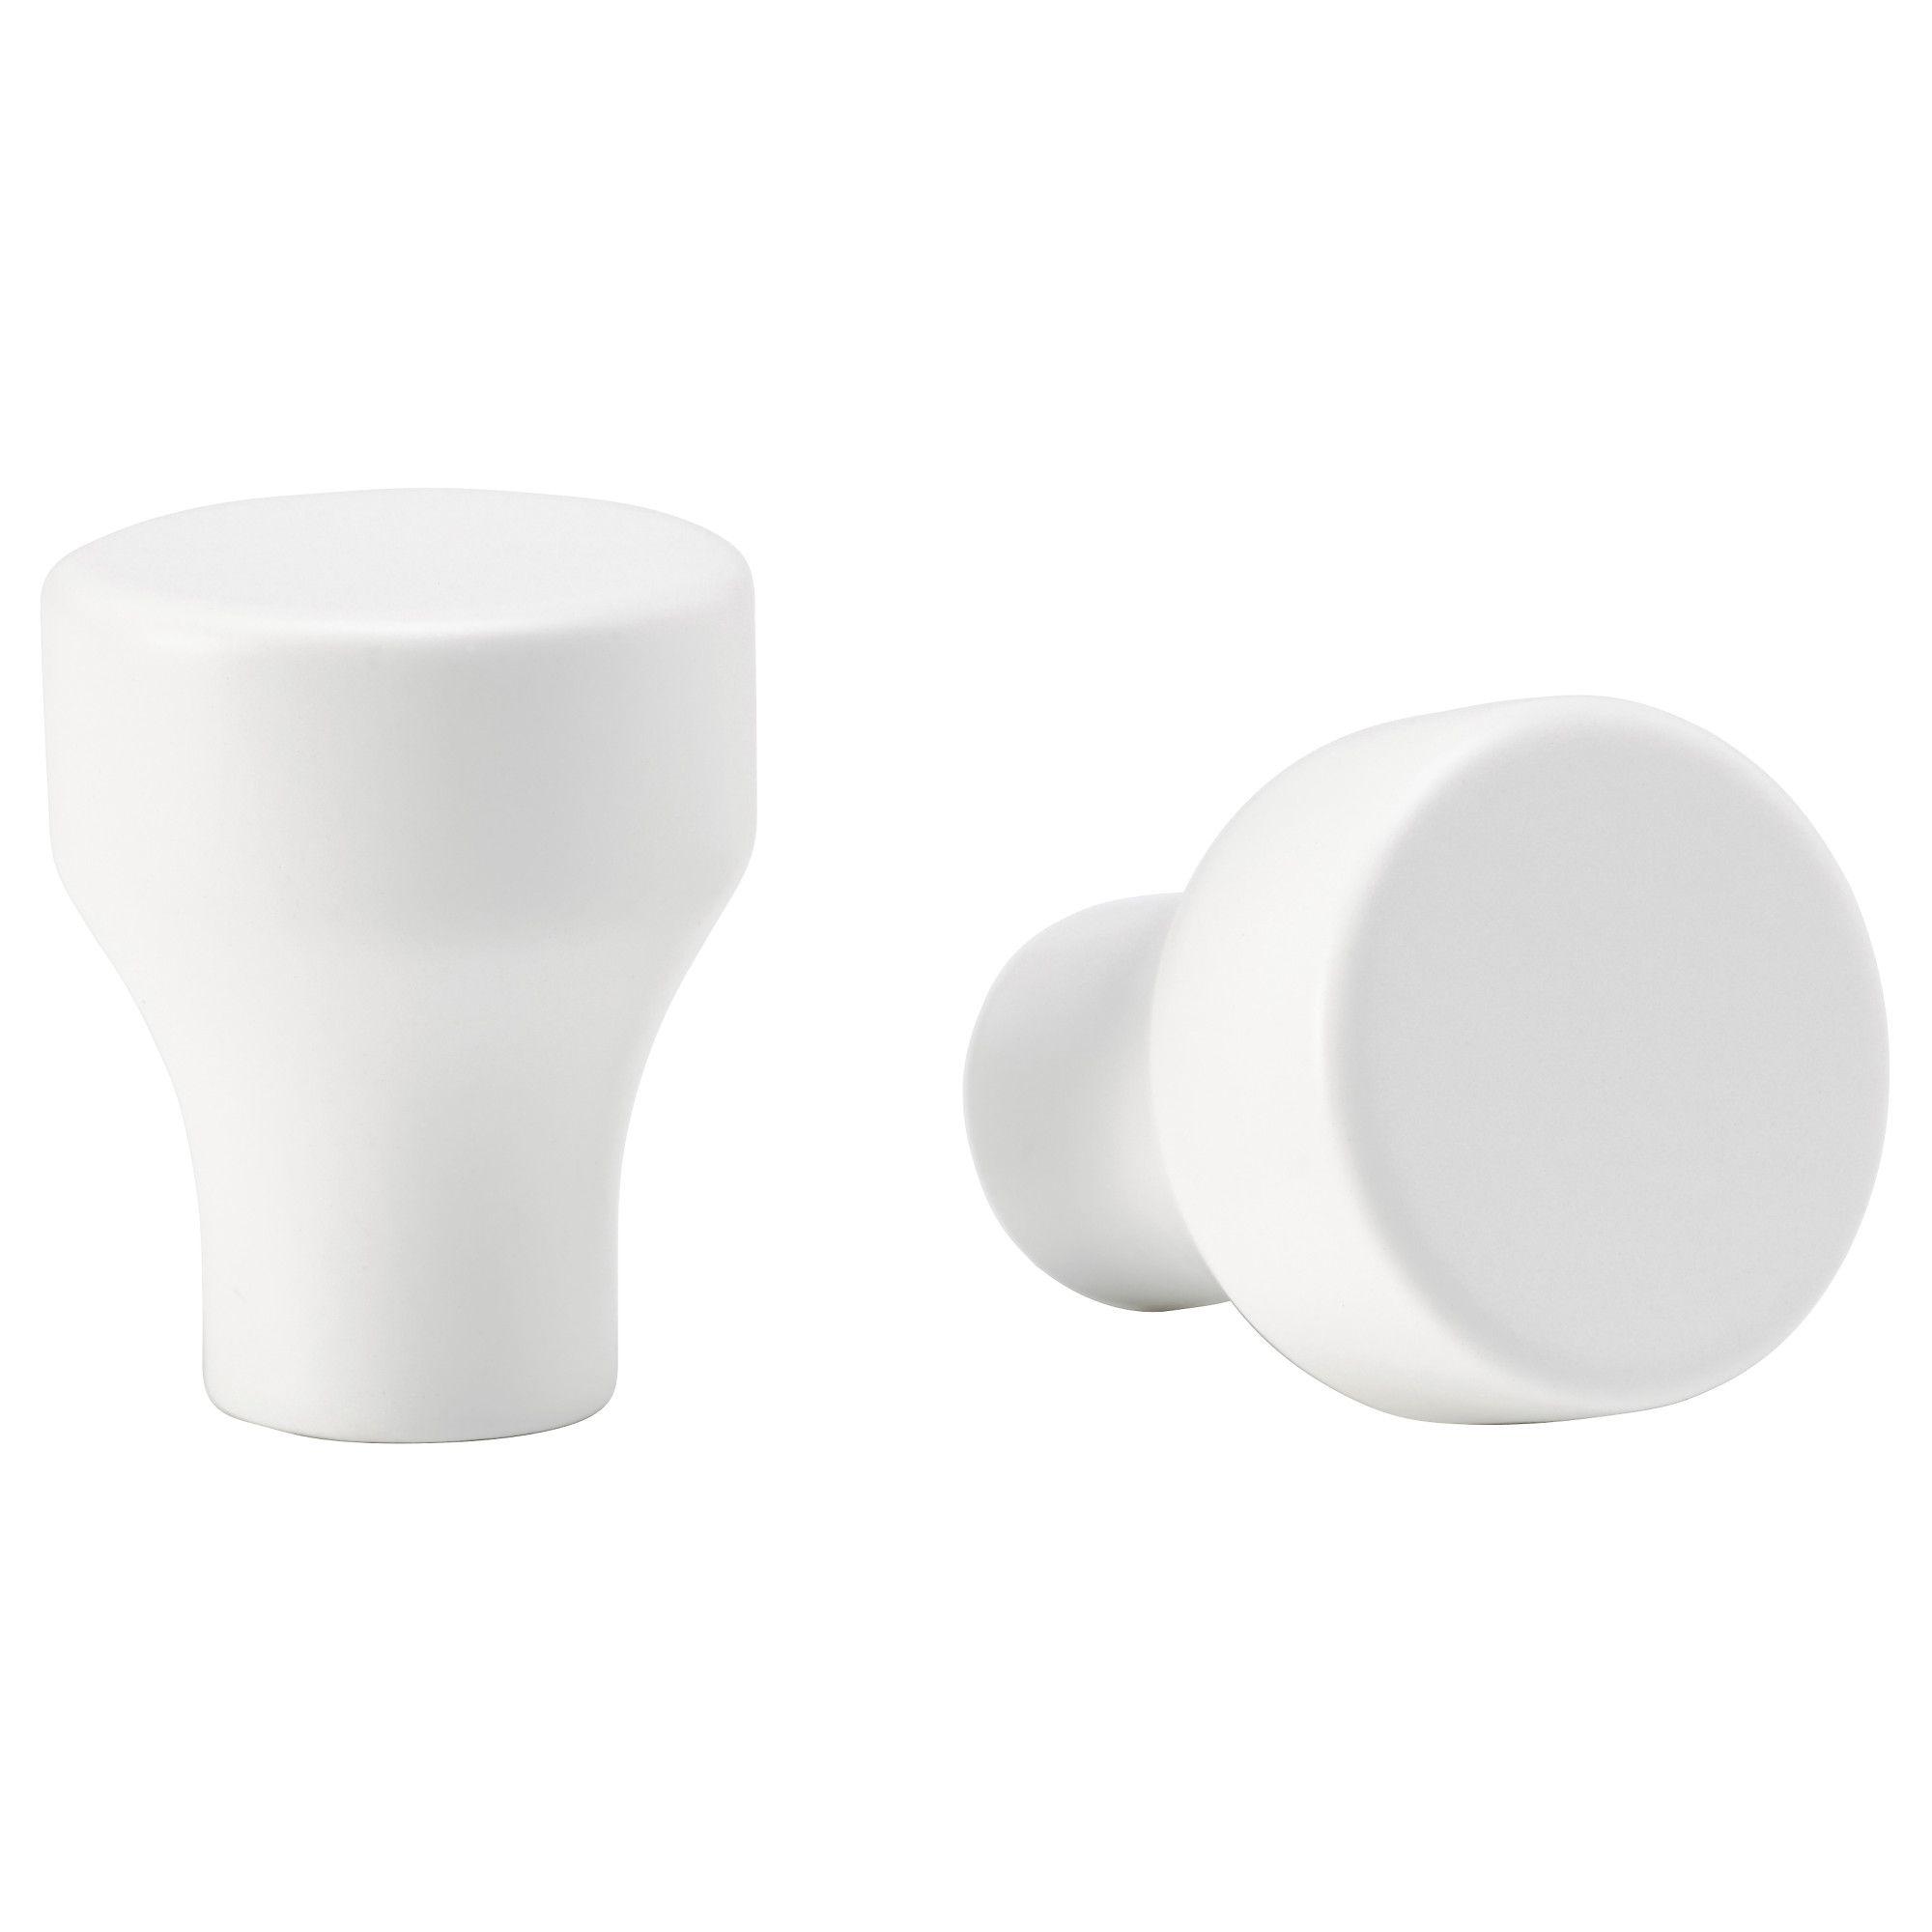 ERIKSDAL Knopf, weiß | Pinterest | Ikea, Ikea küche und Die küche